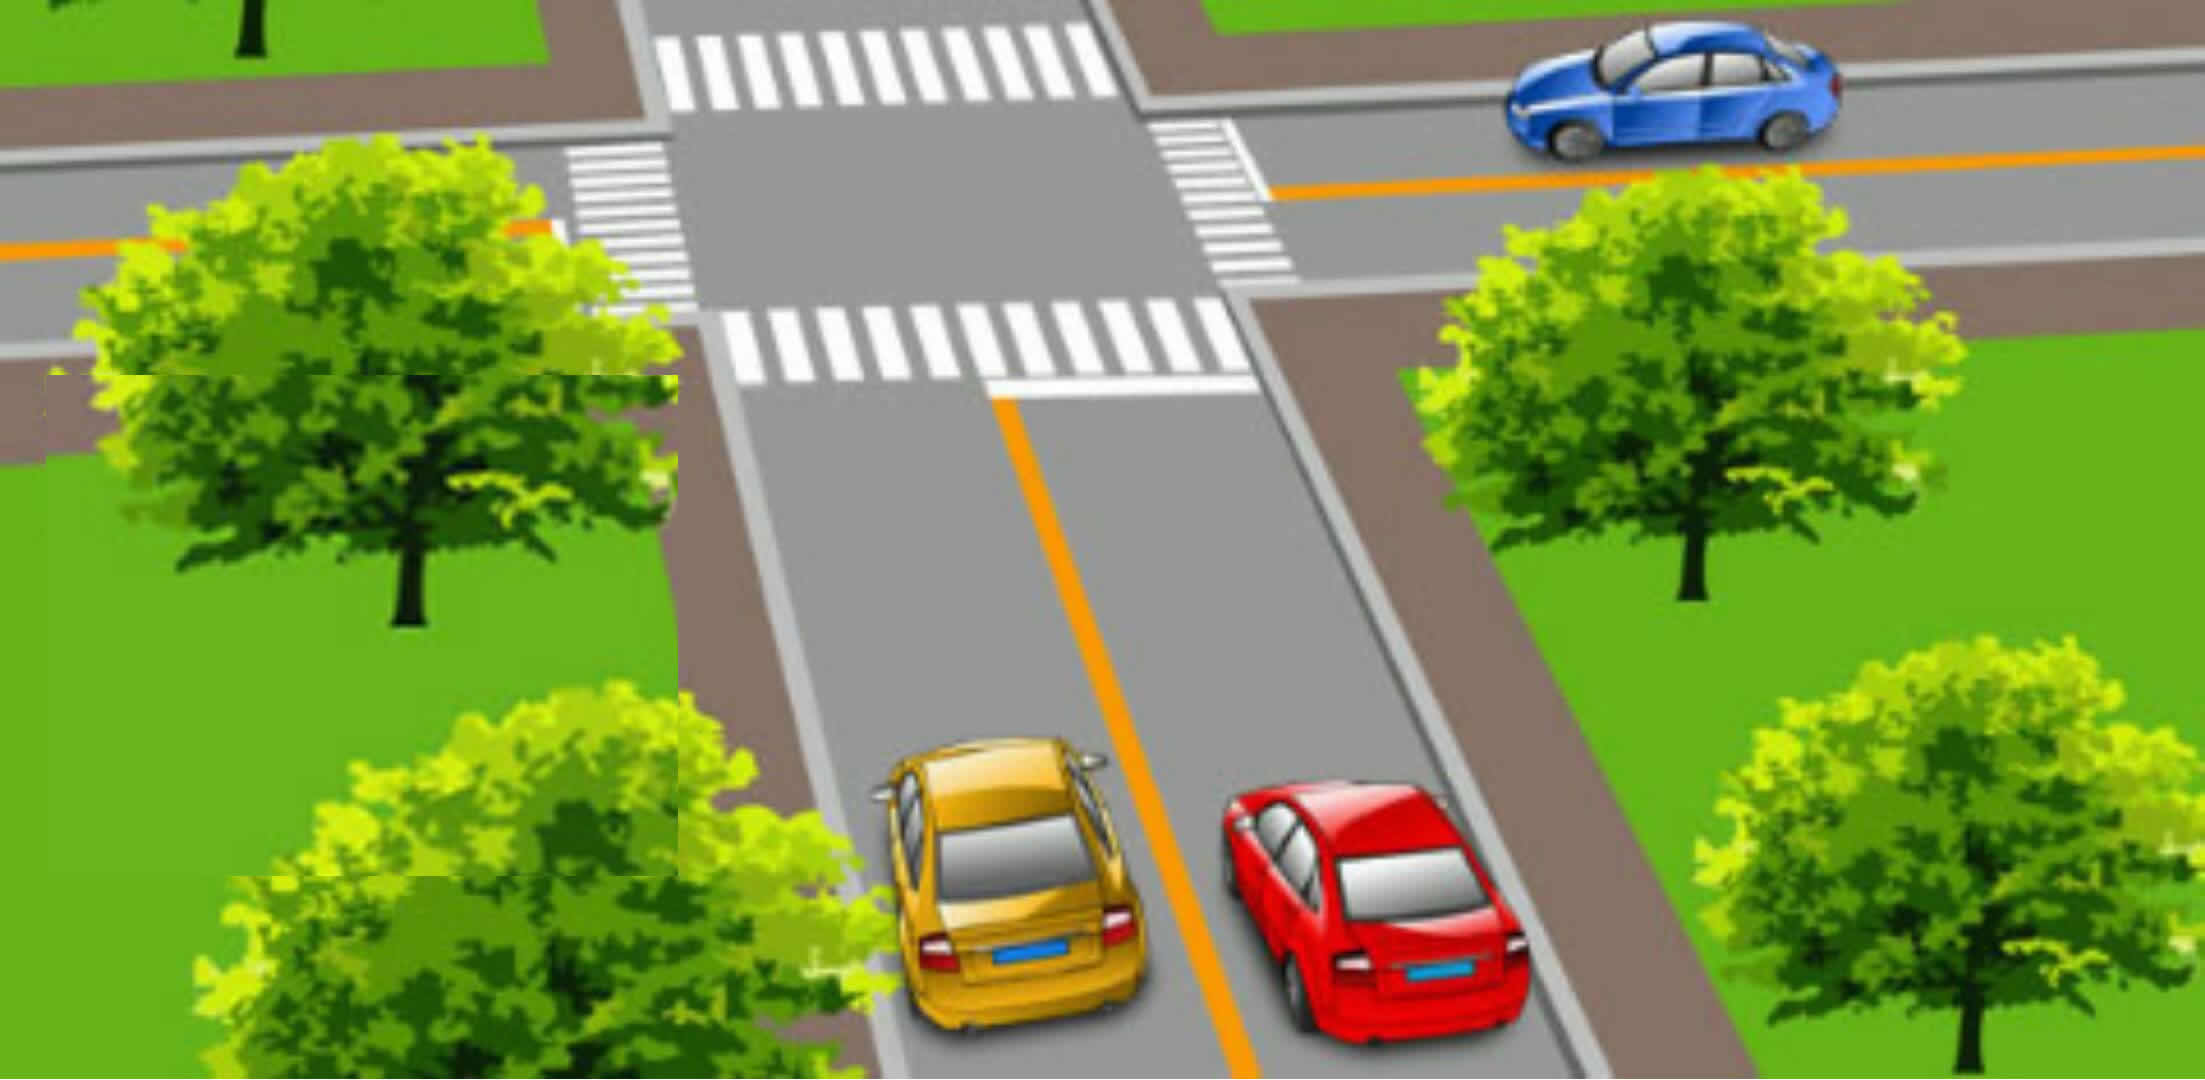 图中驾驶人的这种违法行为会被记多少分?